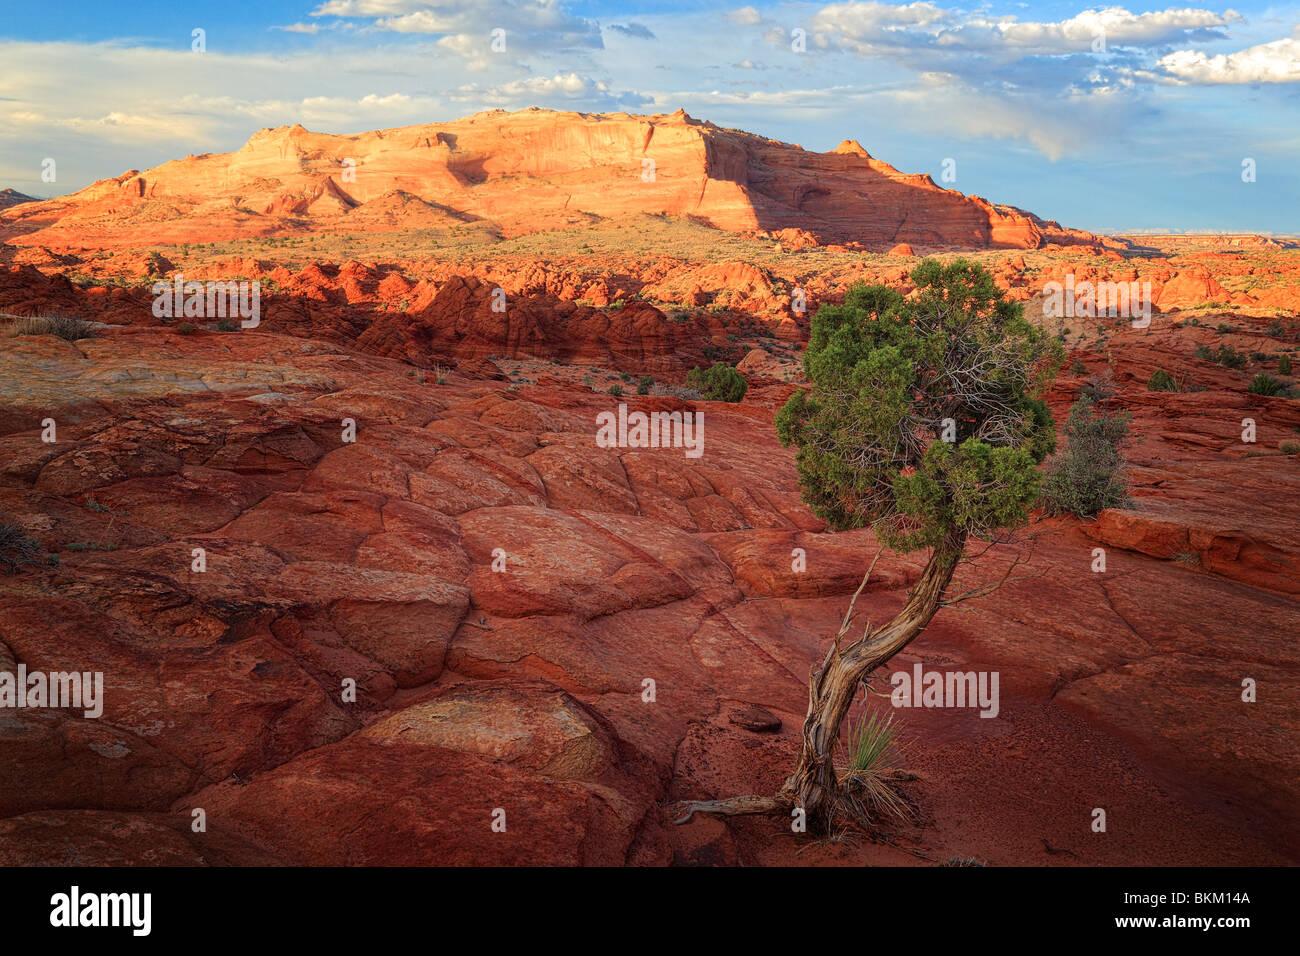 Wacholder-Baum und Felsformationen im Vermilion Cliffs National Monument, Arizona Stockbild